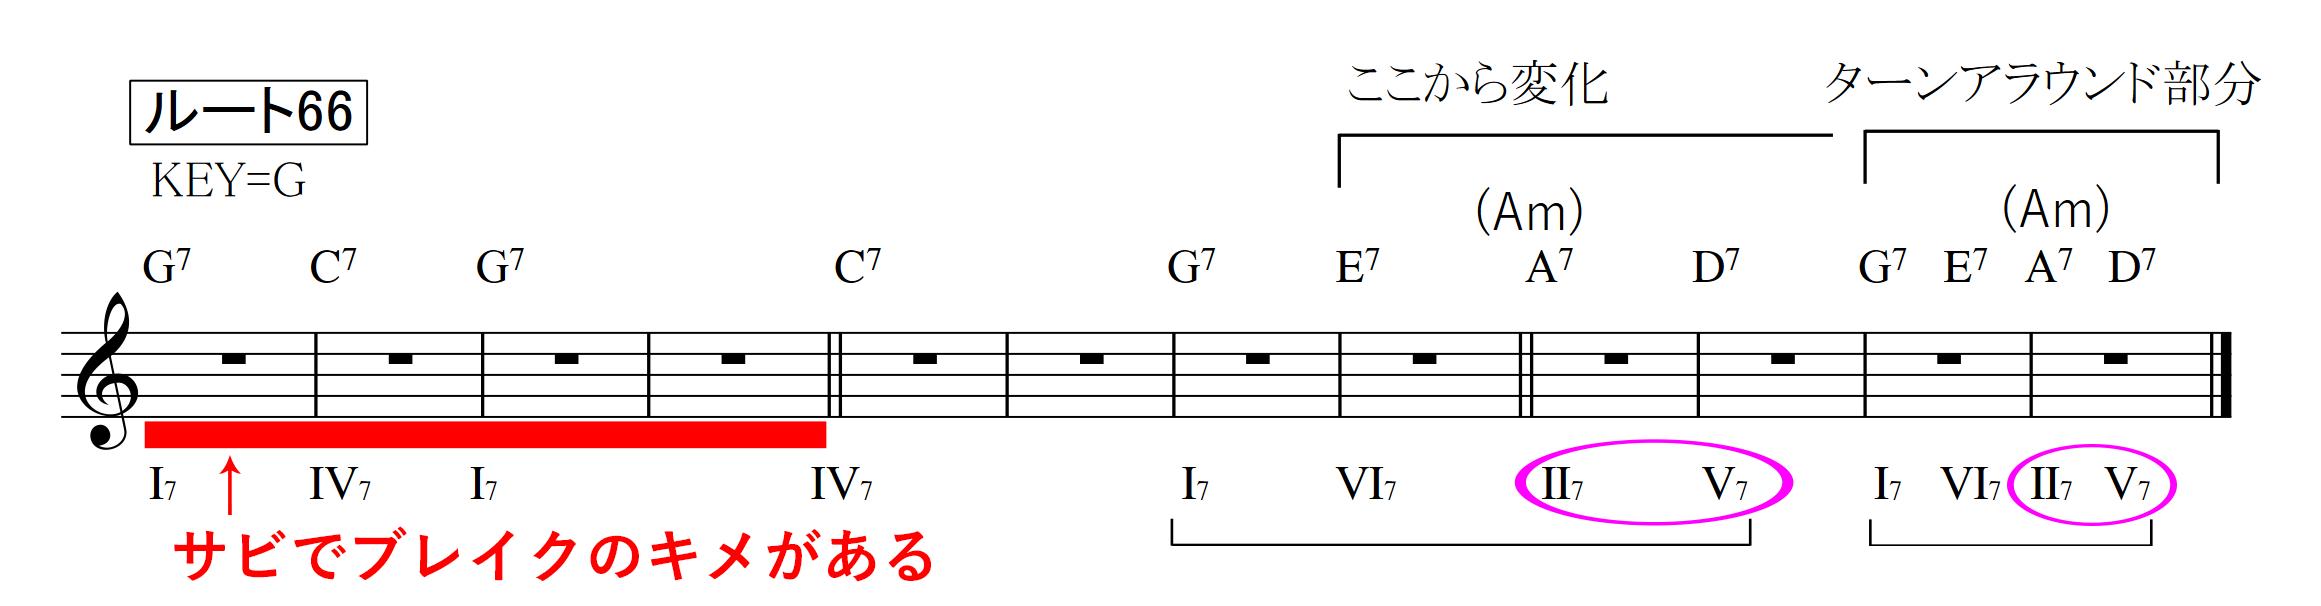 ルート66